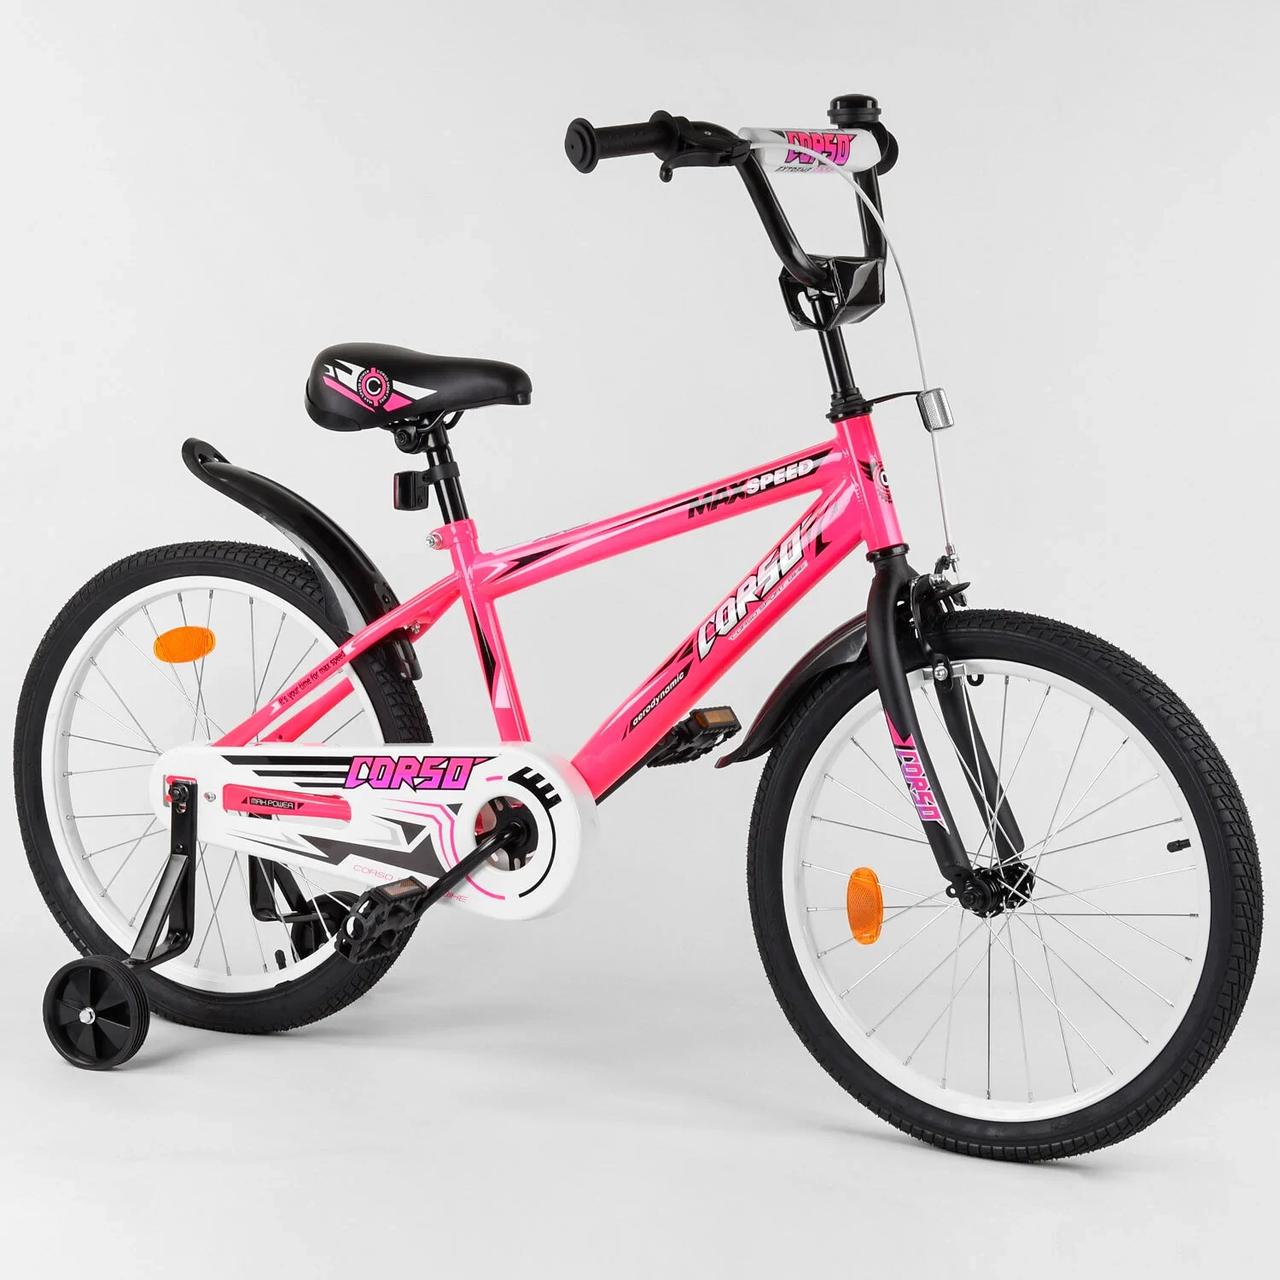 Велосипед дитячий для хлопчика дівчинки 7 8 9 років колеса 20 дюймів Corso EX-20 N 5912